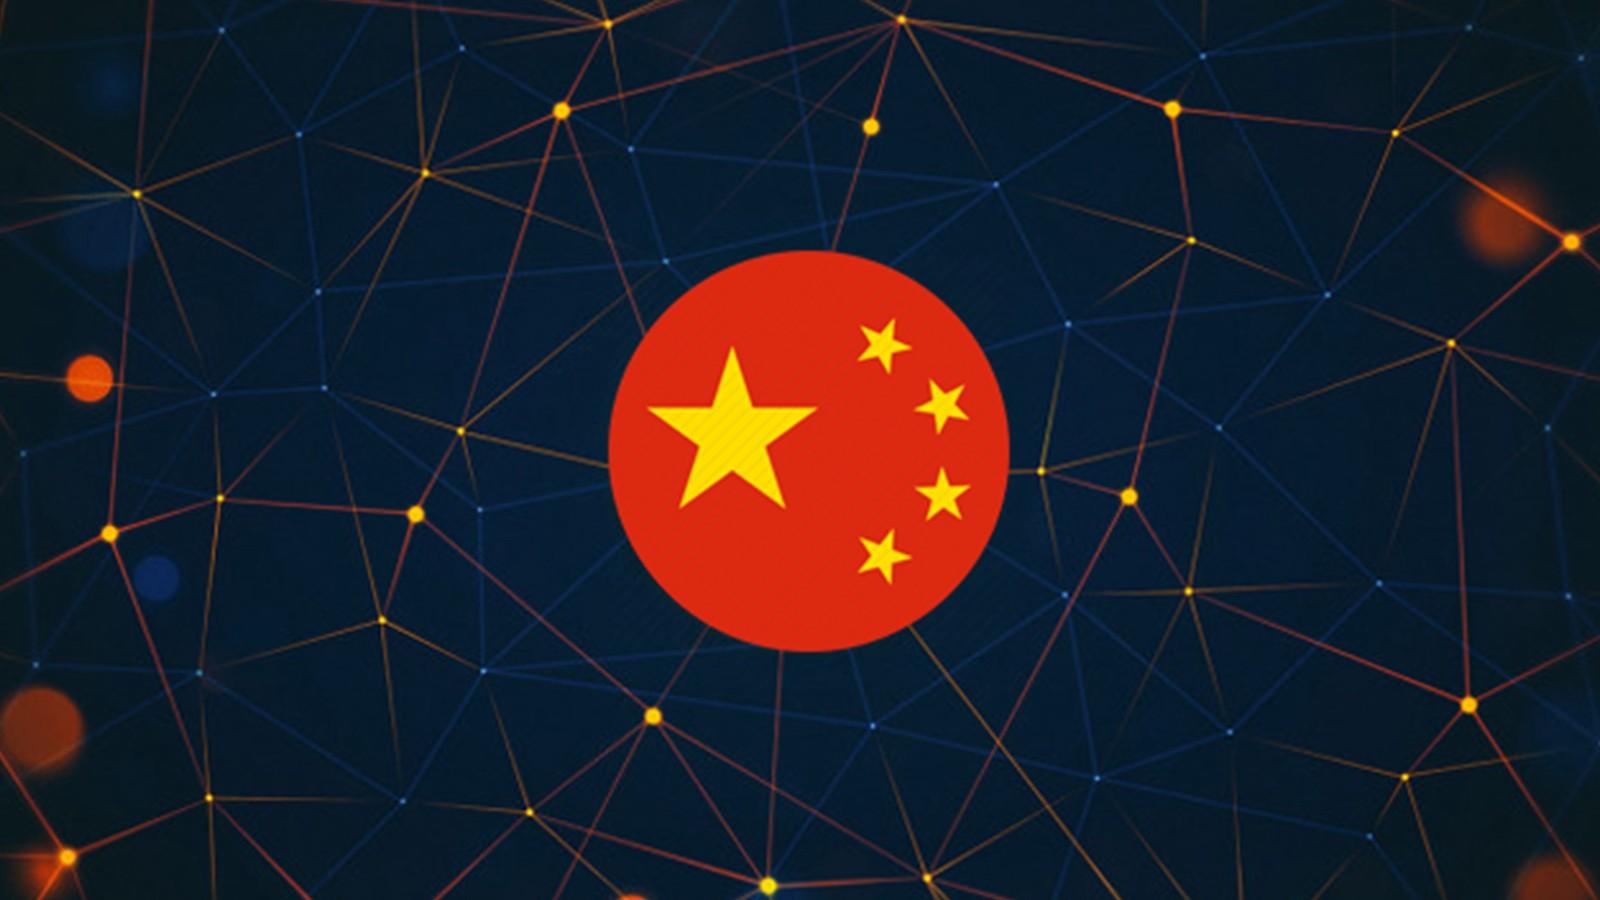 Пекин усилил цензуру и контроль на фоне продвижения блокчейна